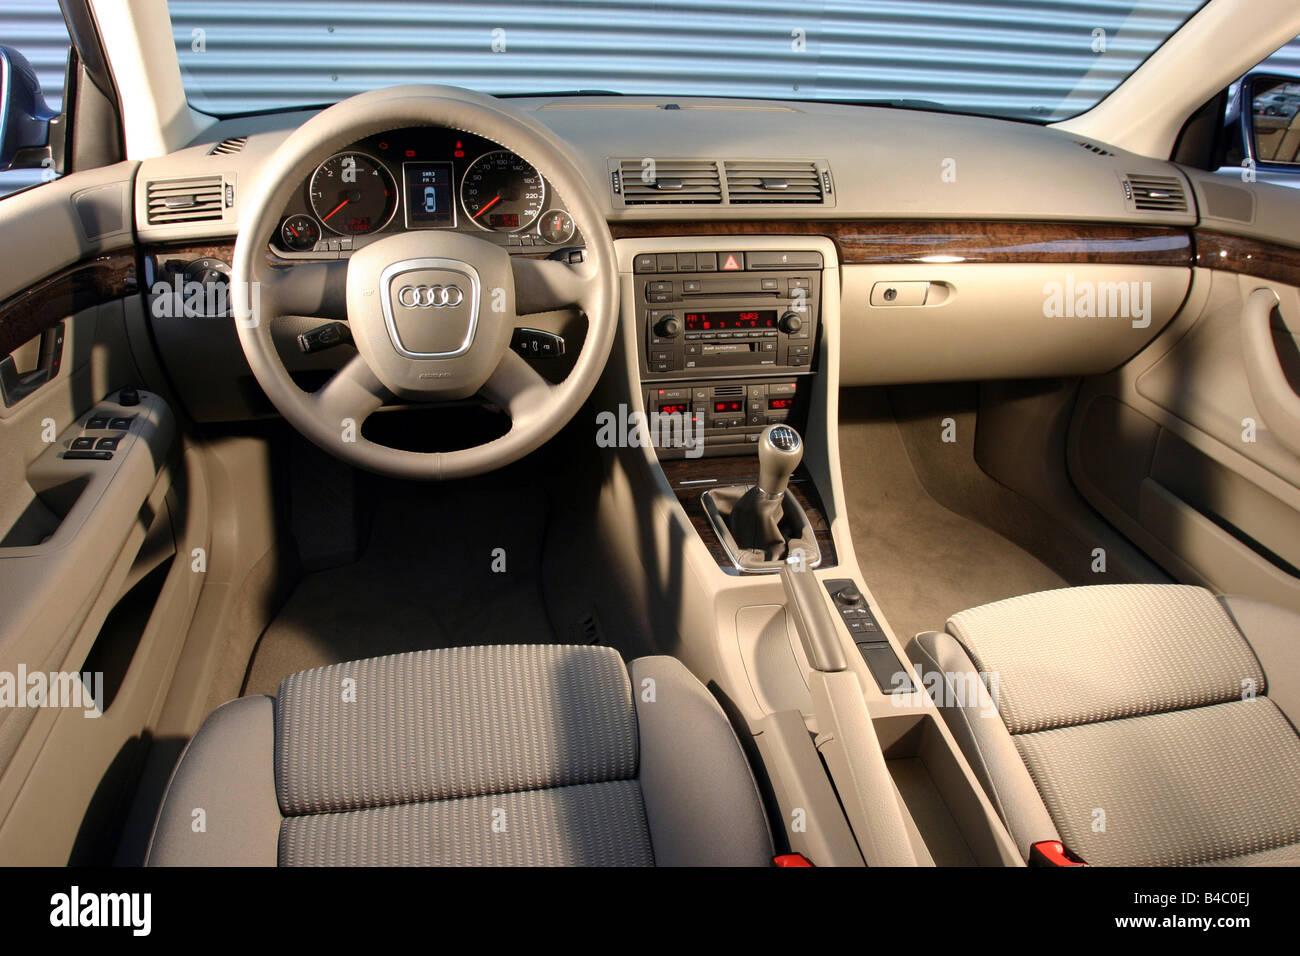 voiture audi a4 avant 20 tdi limousine berline de taille moyenne suprieure lanne modle 2004 bleu vue de lintrieur vue de l intrieur coc